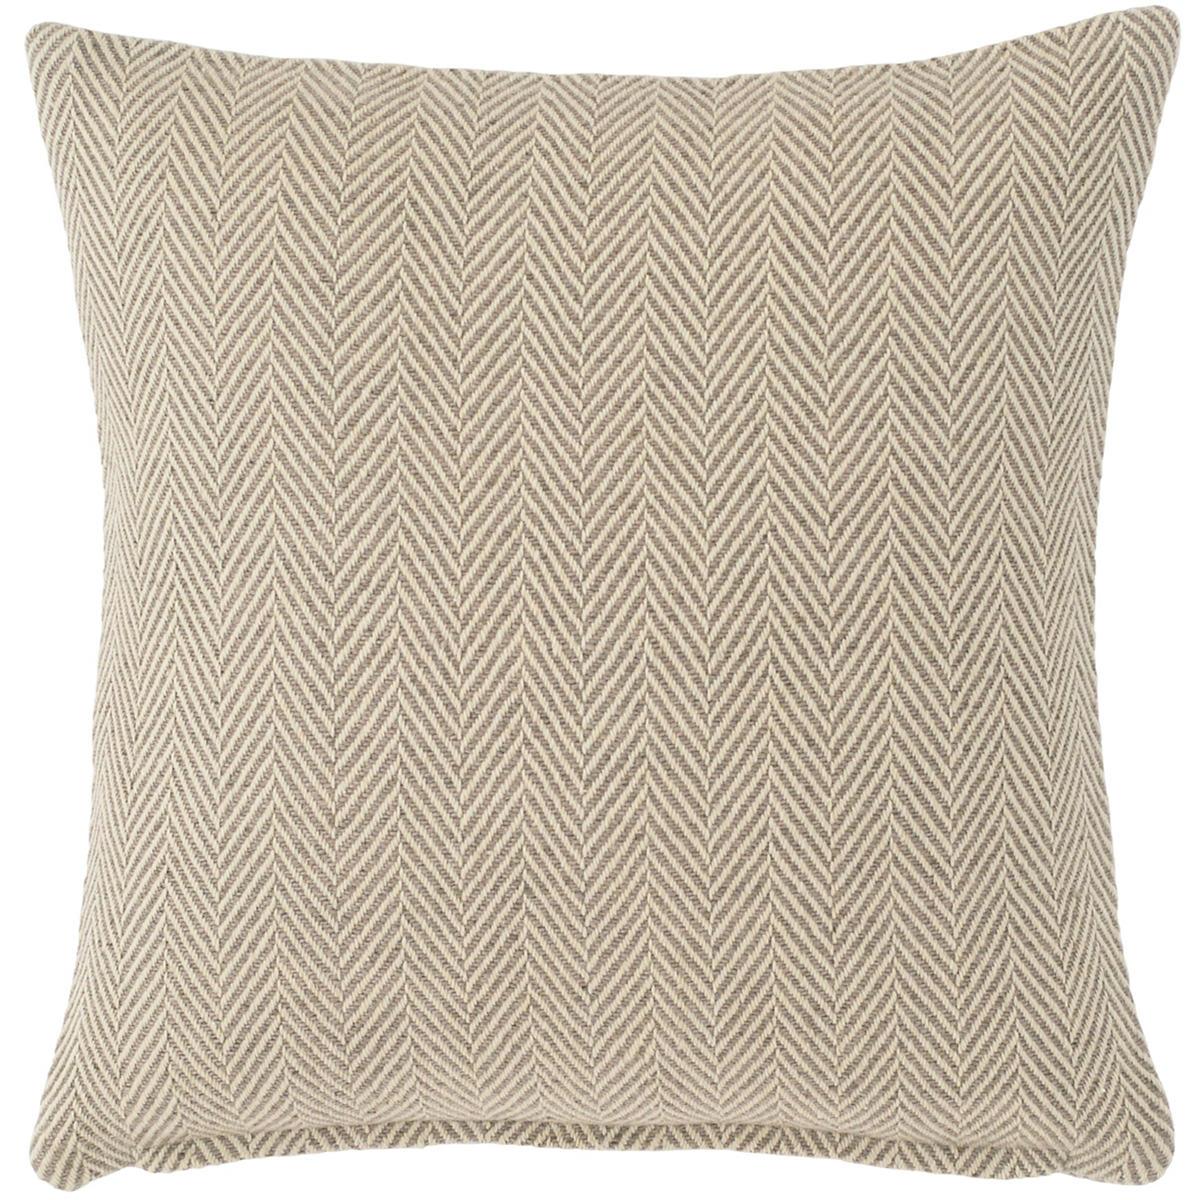 Concord Grey Indoor/Outdoor Pillow